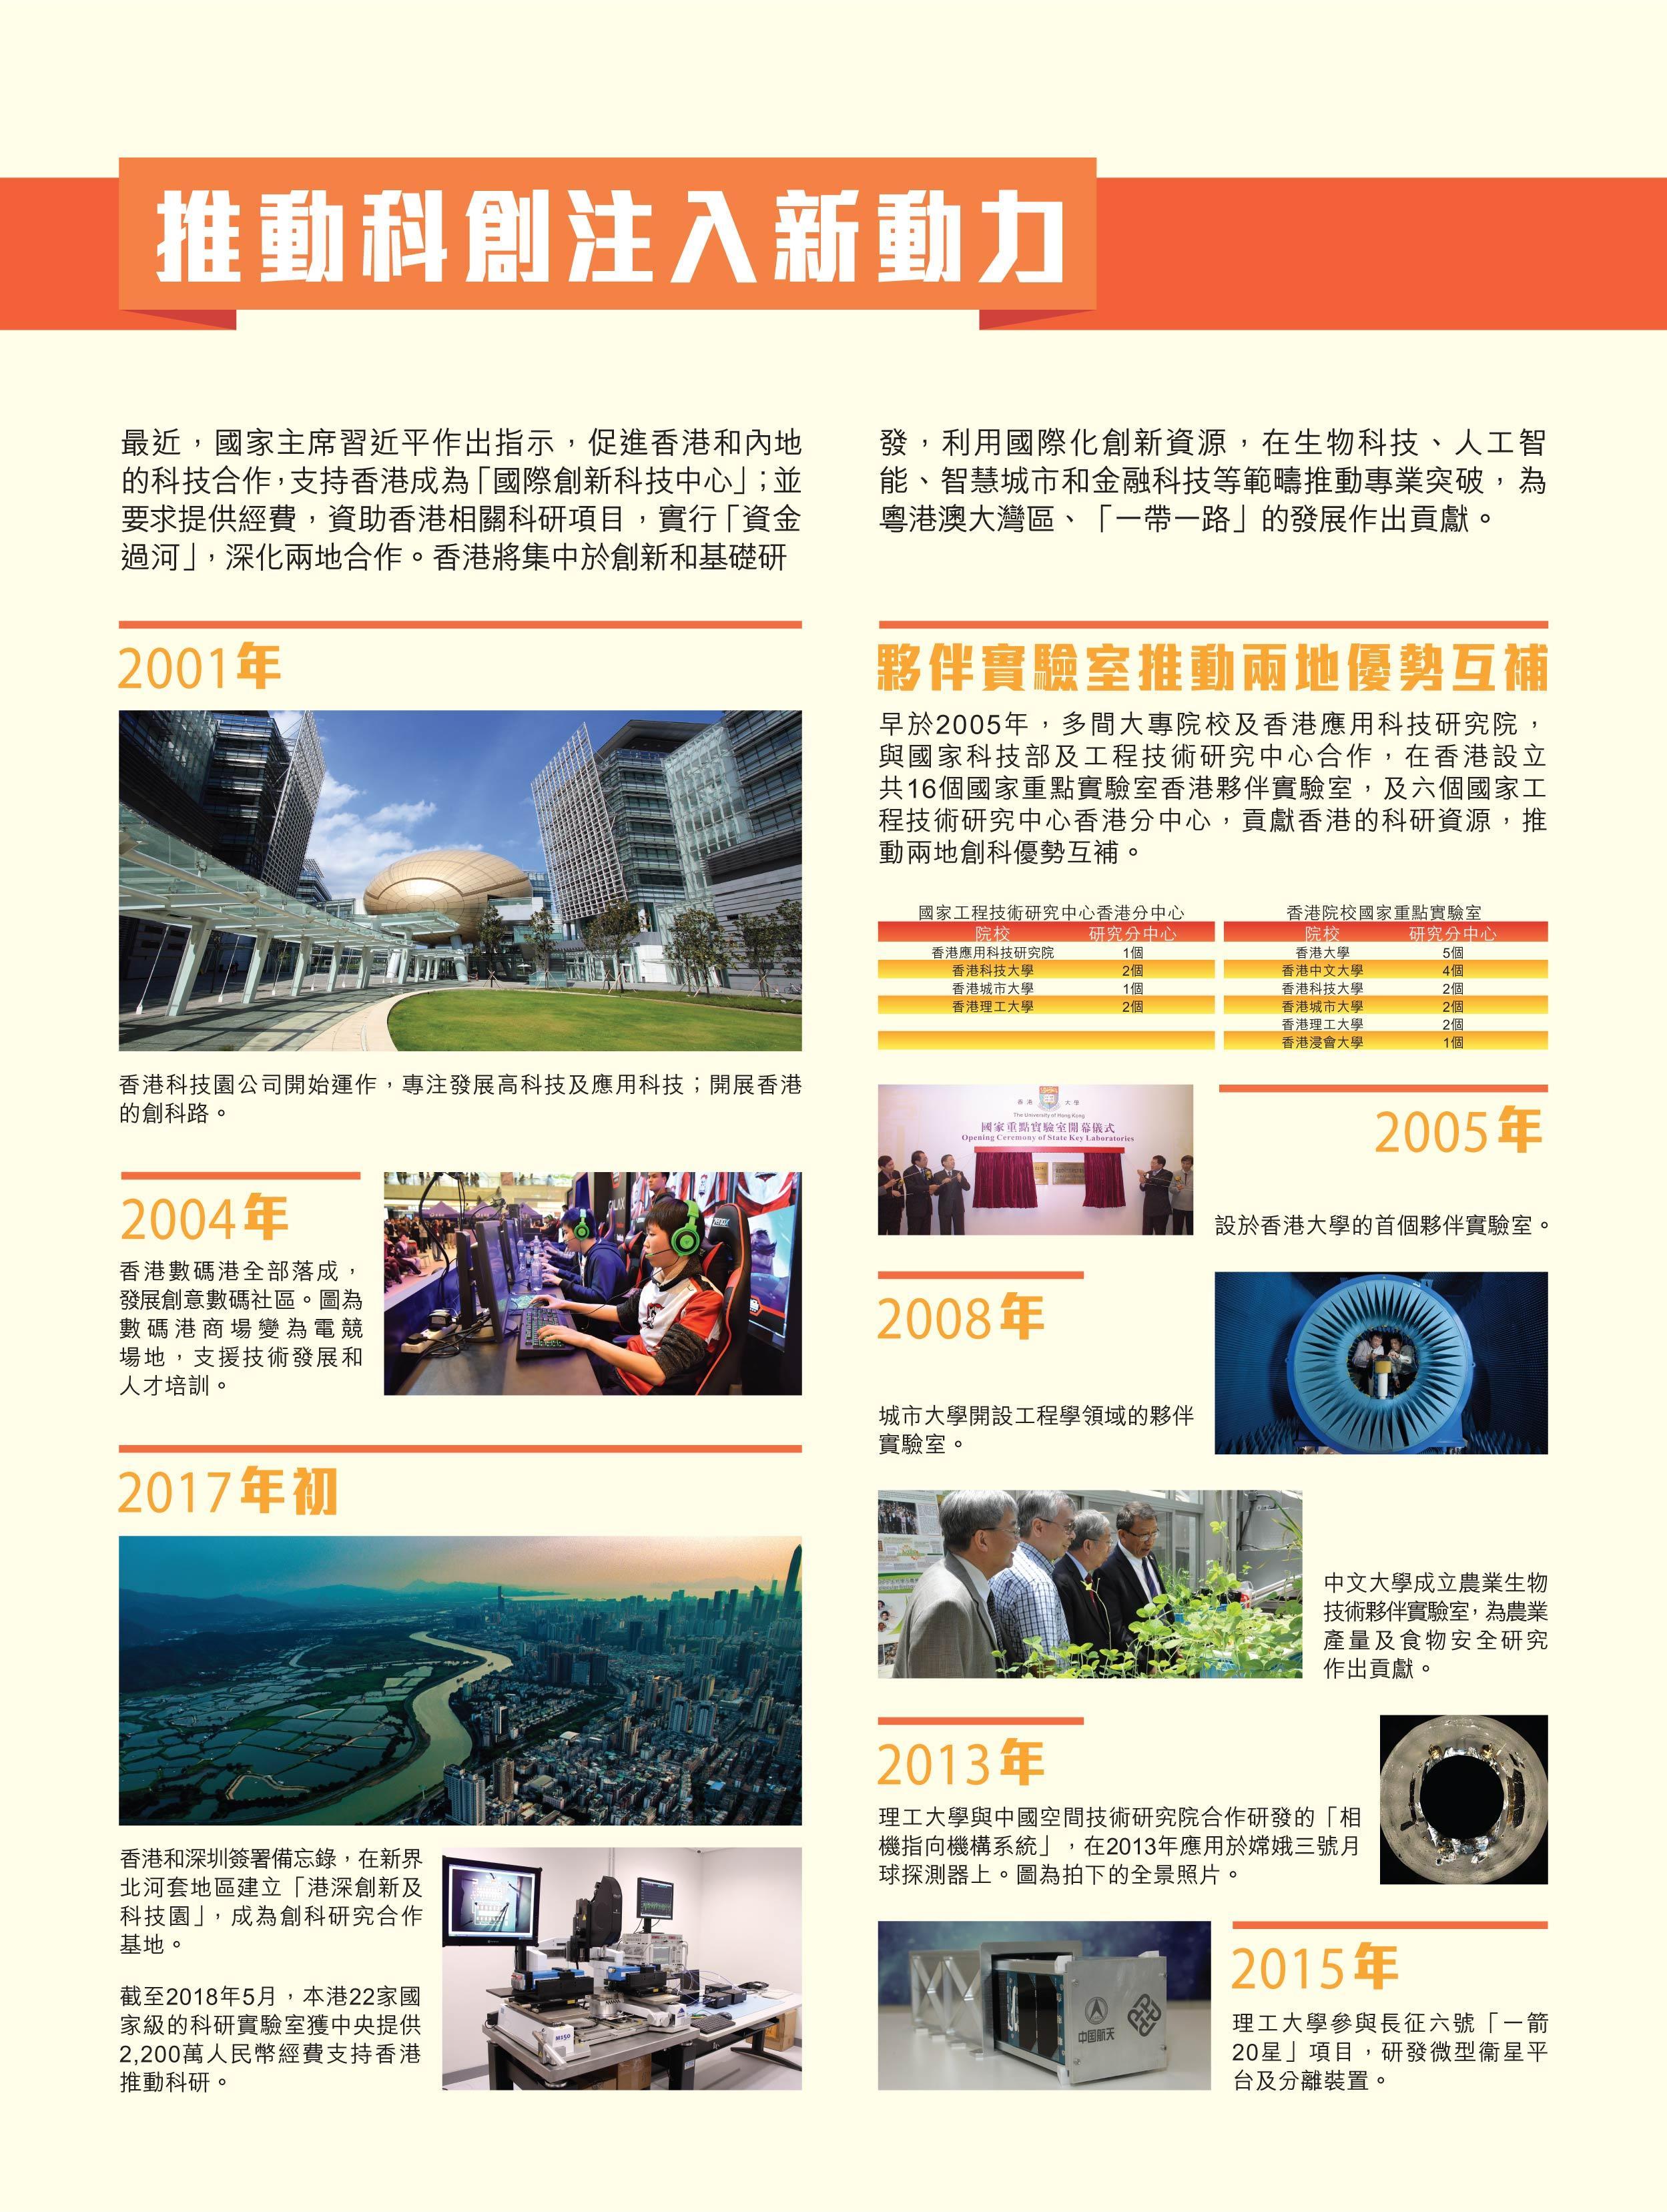 gaige_xiangganggongxian_panel_p8_aw_oct29_websize_tuidongkechuang